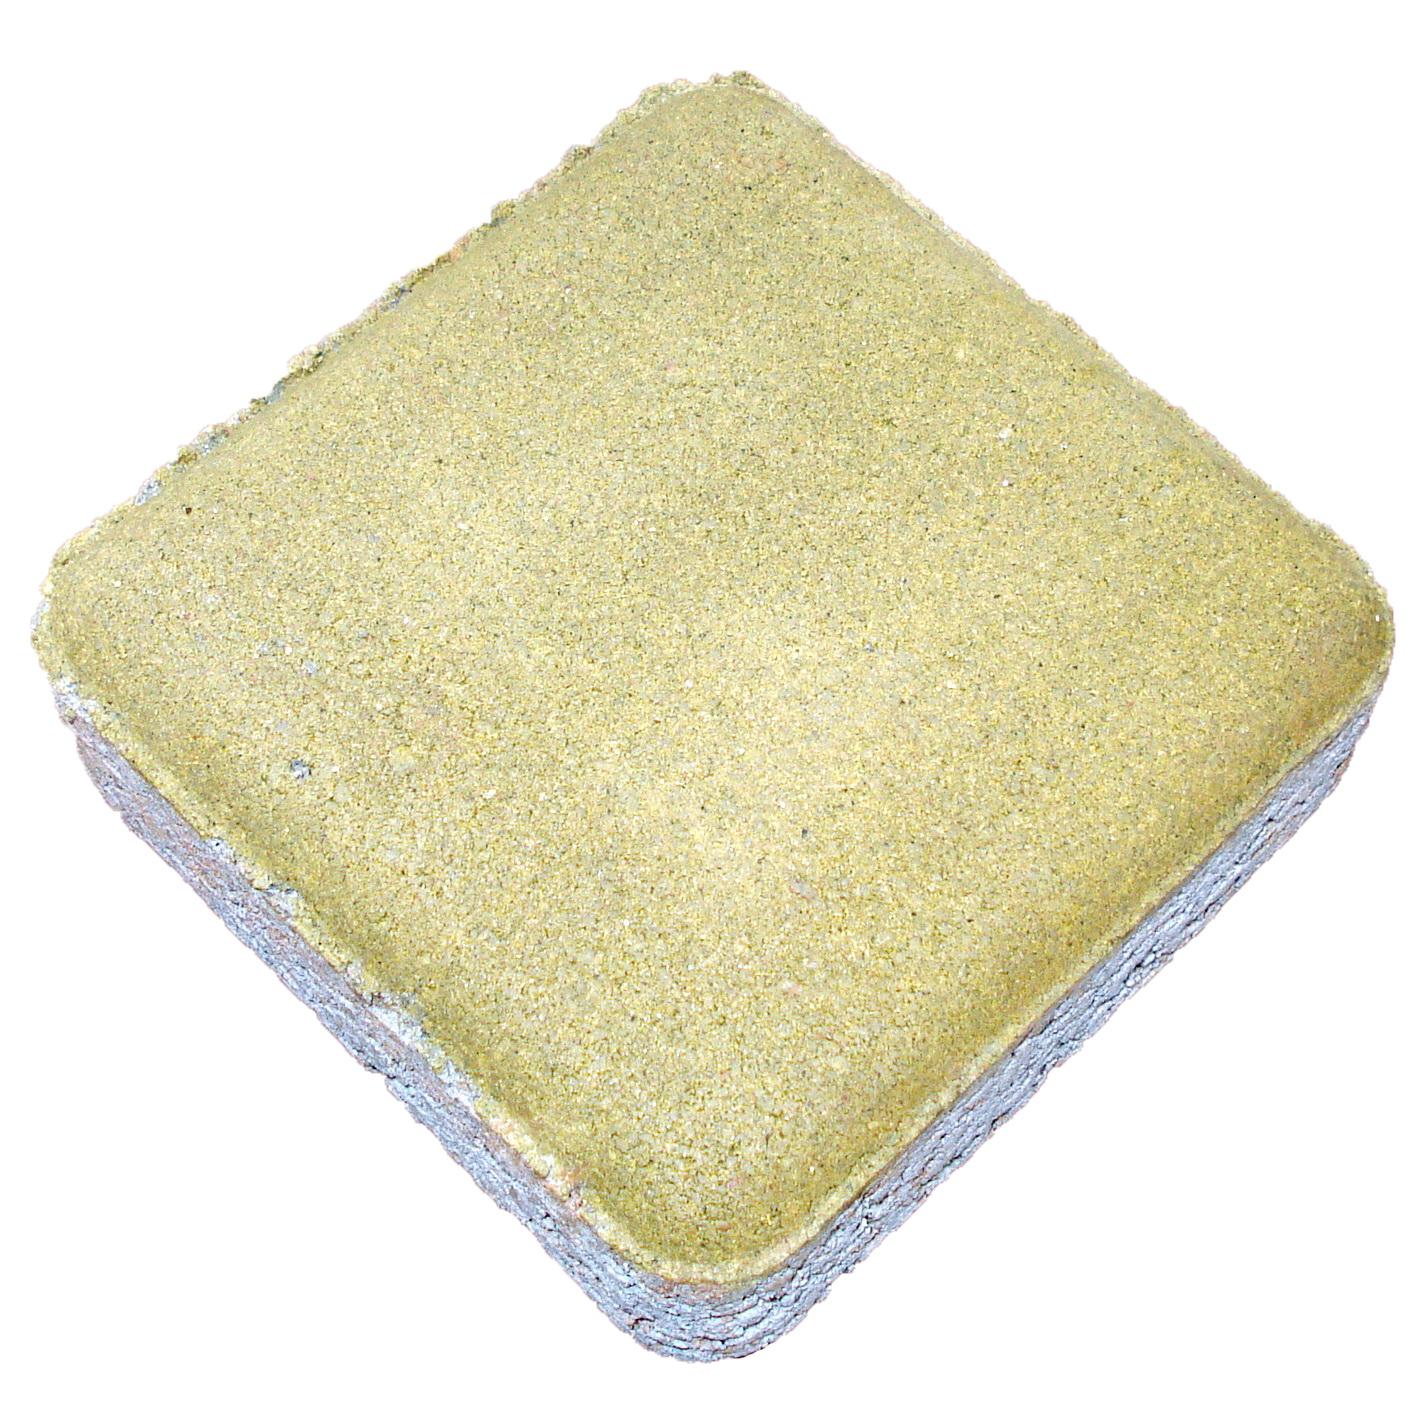 pigment-yellow-420